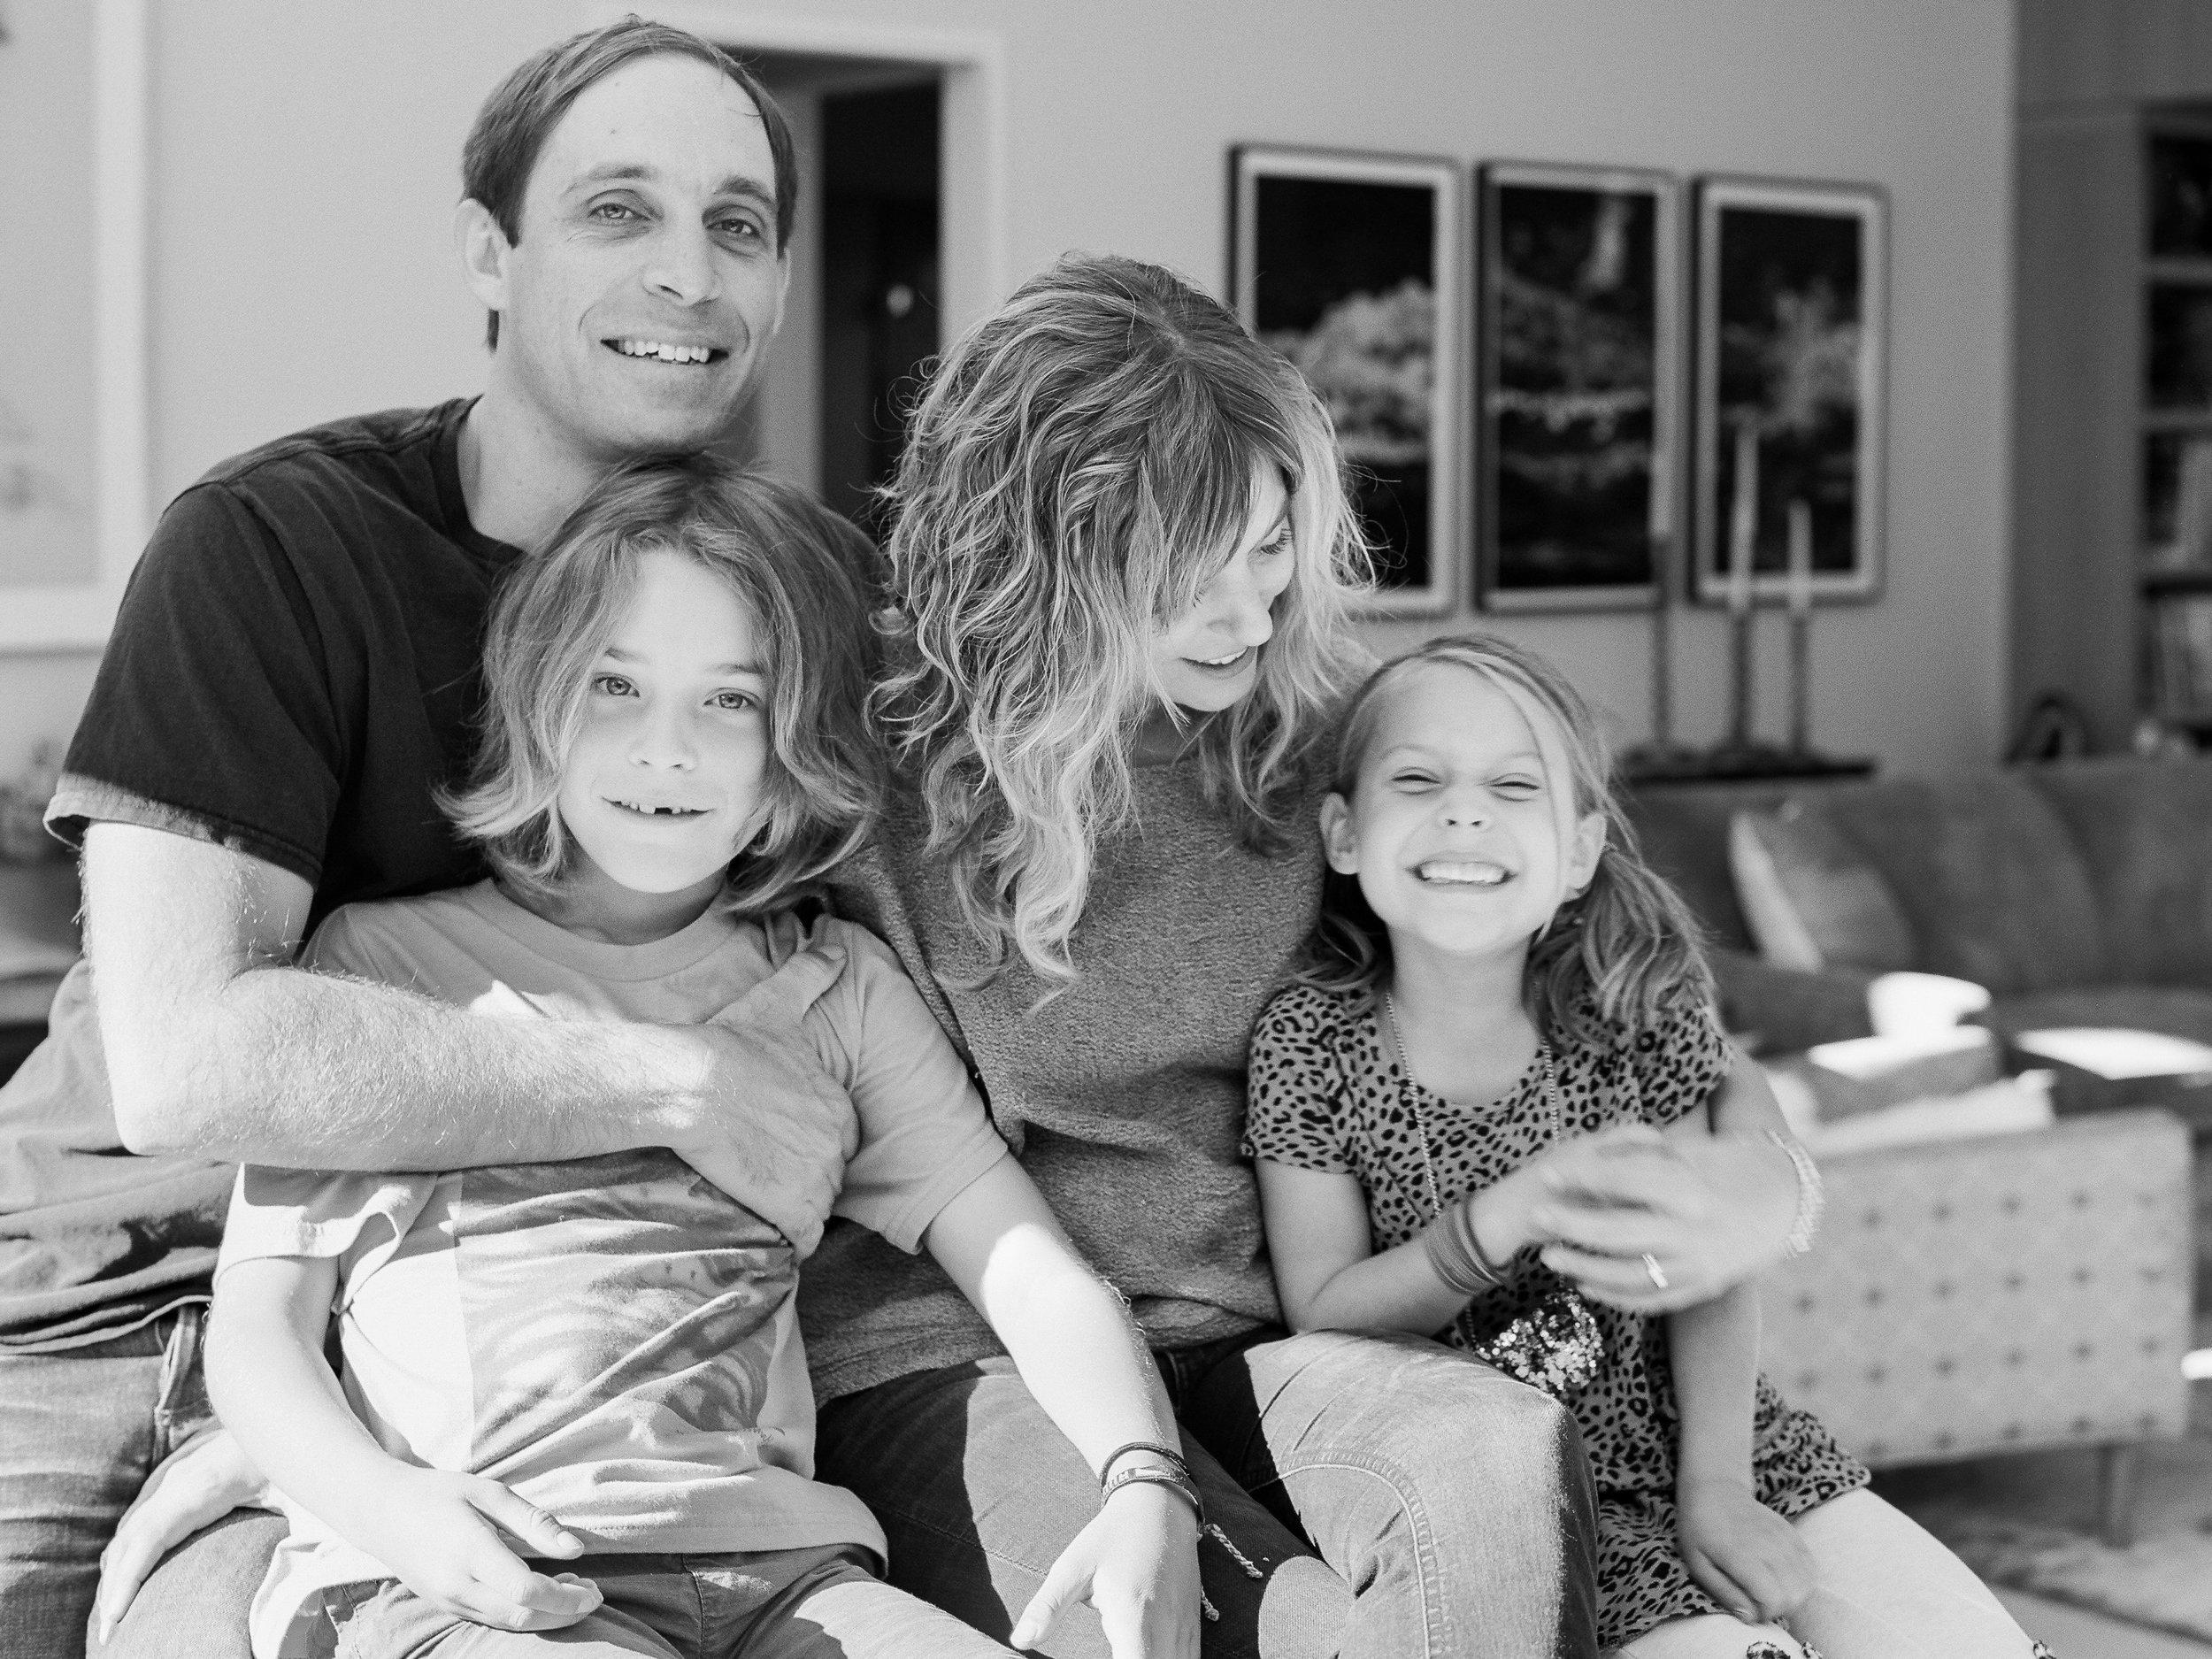 stevensonfamily-18.jpg